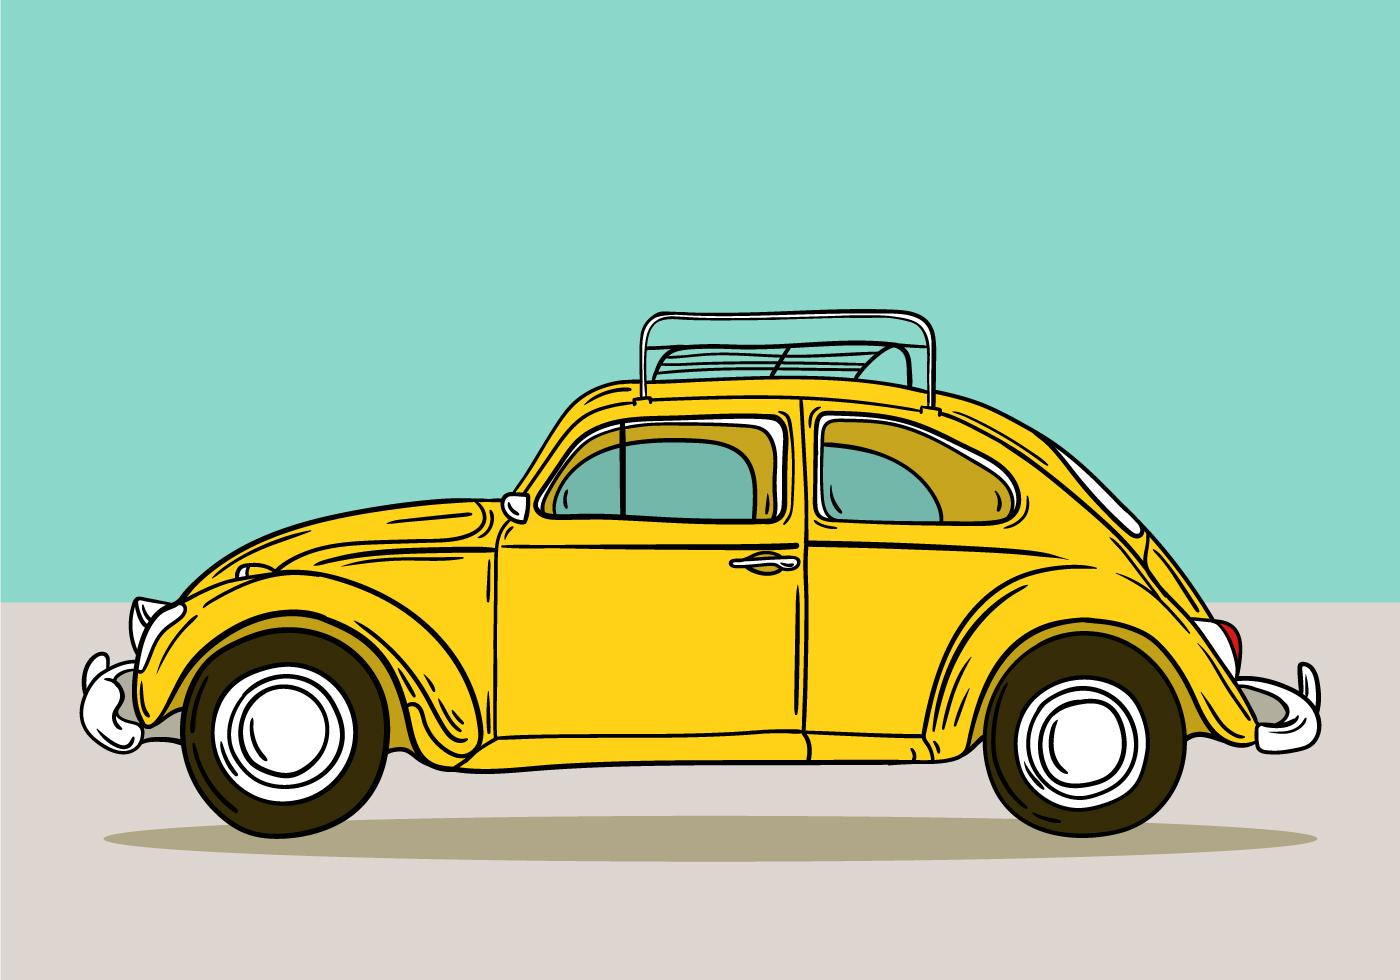 yellow retro volkswagen beetle - Download Free Vectors ...